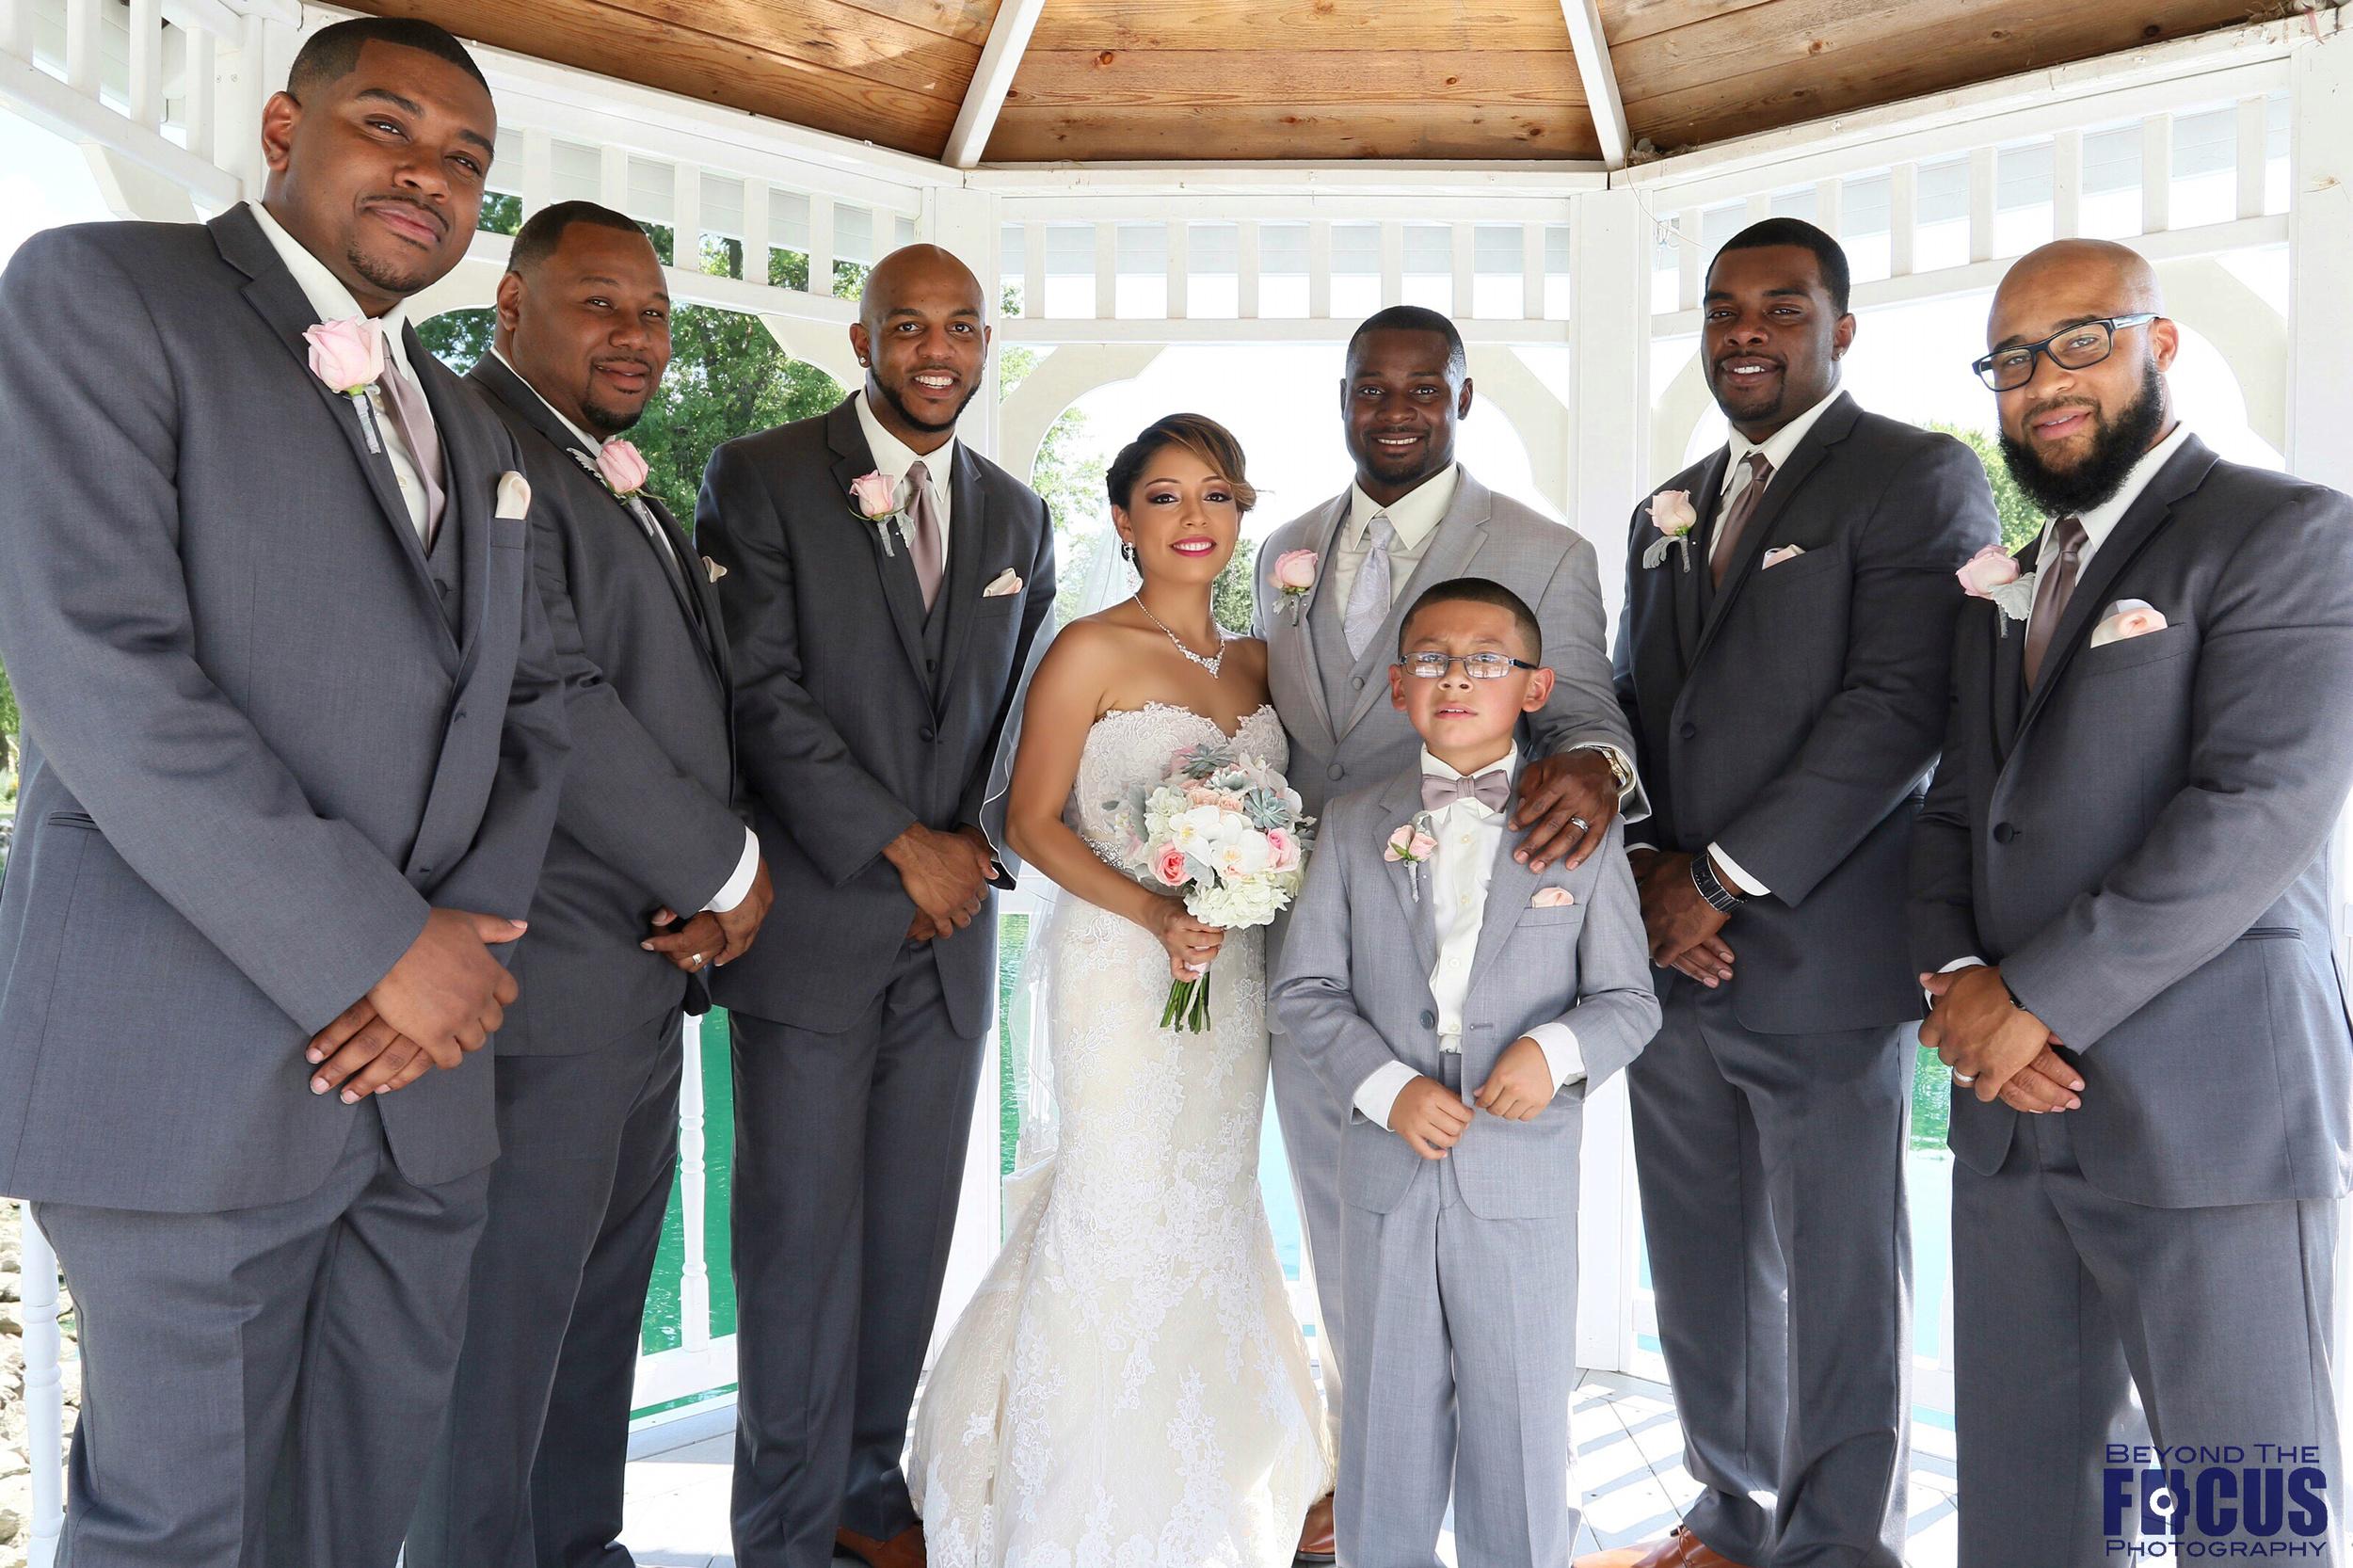 Palmer Wedding - Wedding Party13.jpg